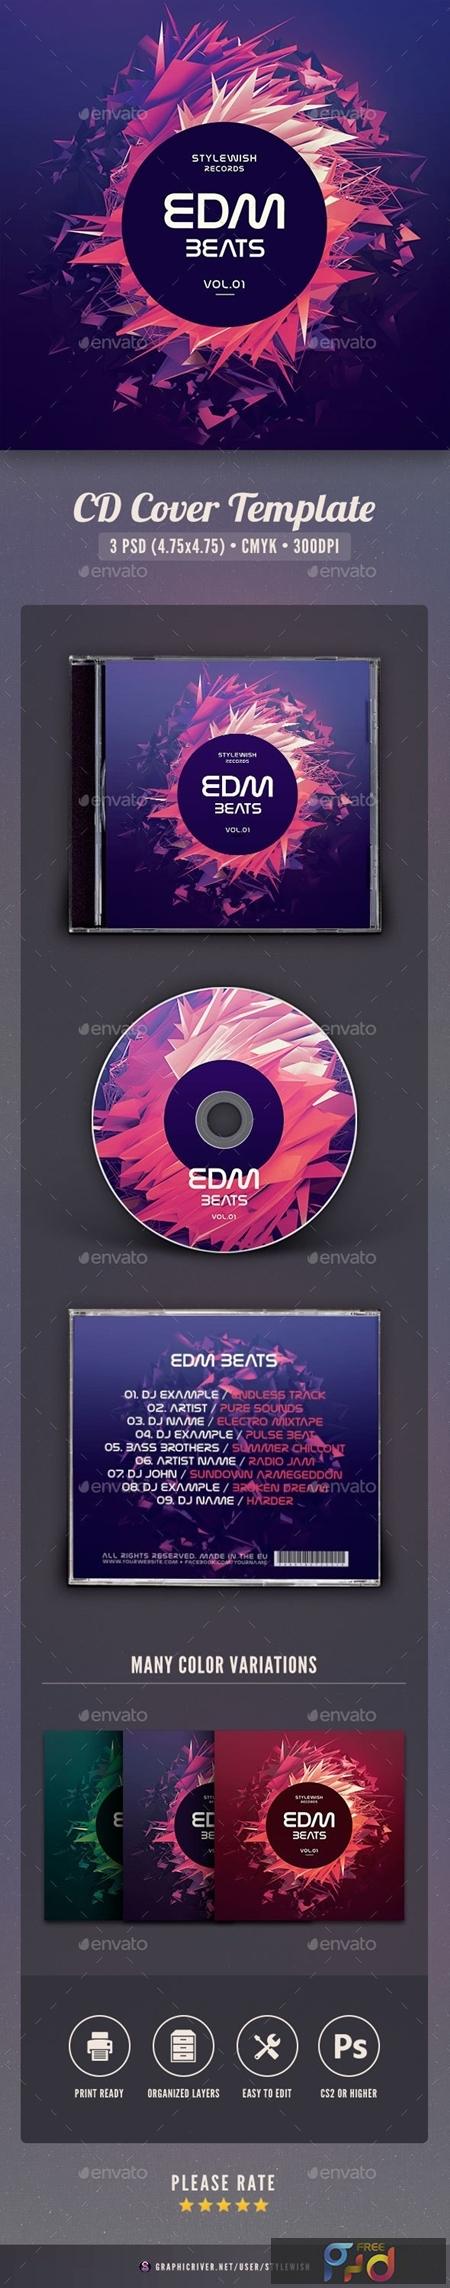 EDM Beats CD Cover Artwork 20119903 1